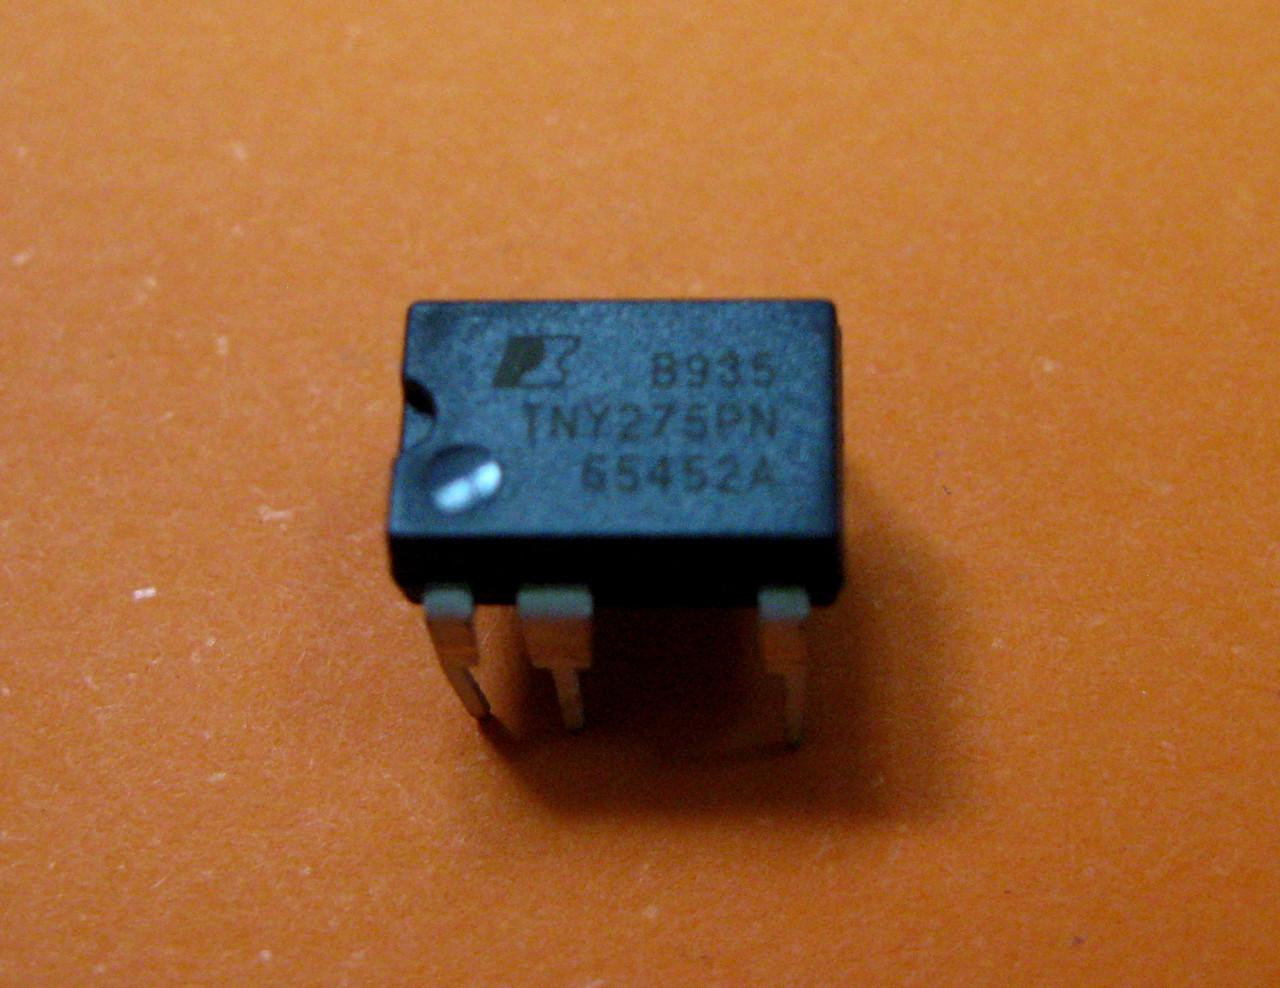 Микросхема блока питания TNY275PN